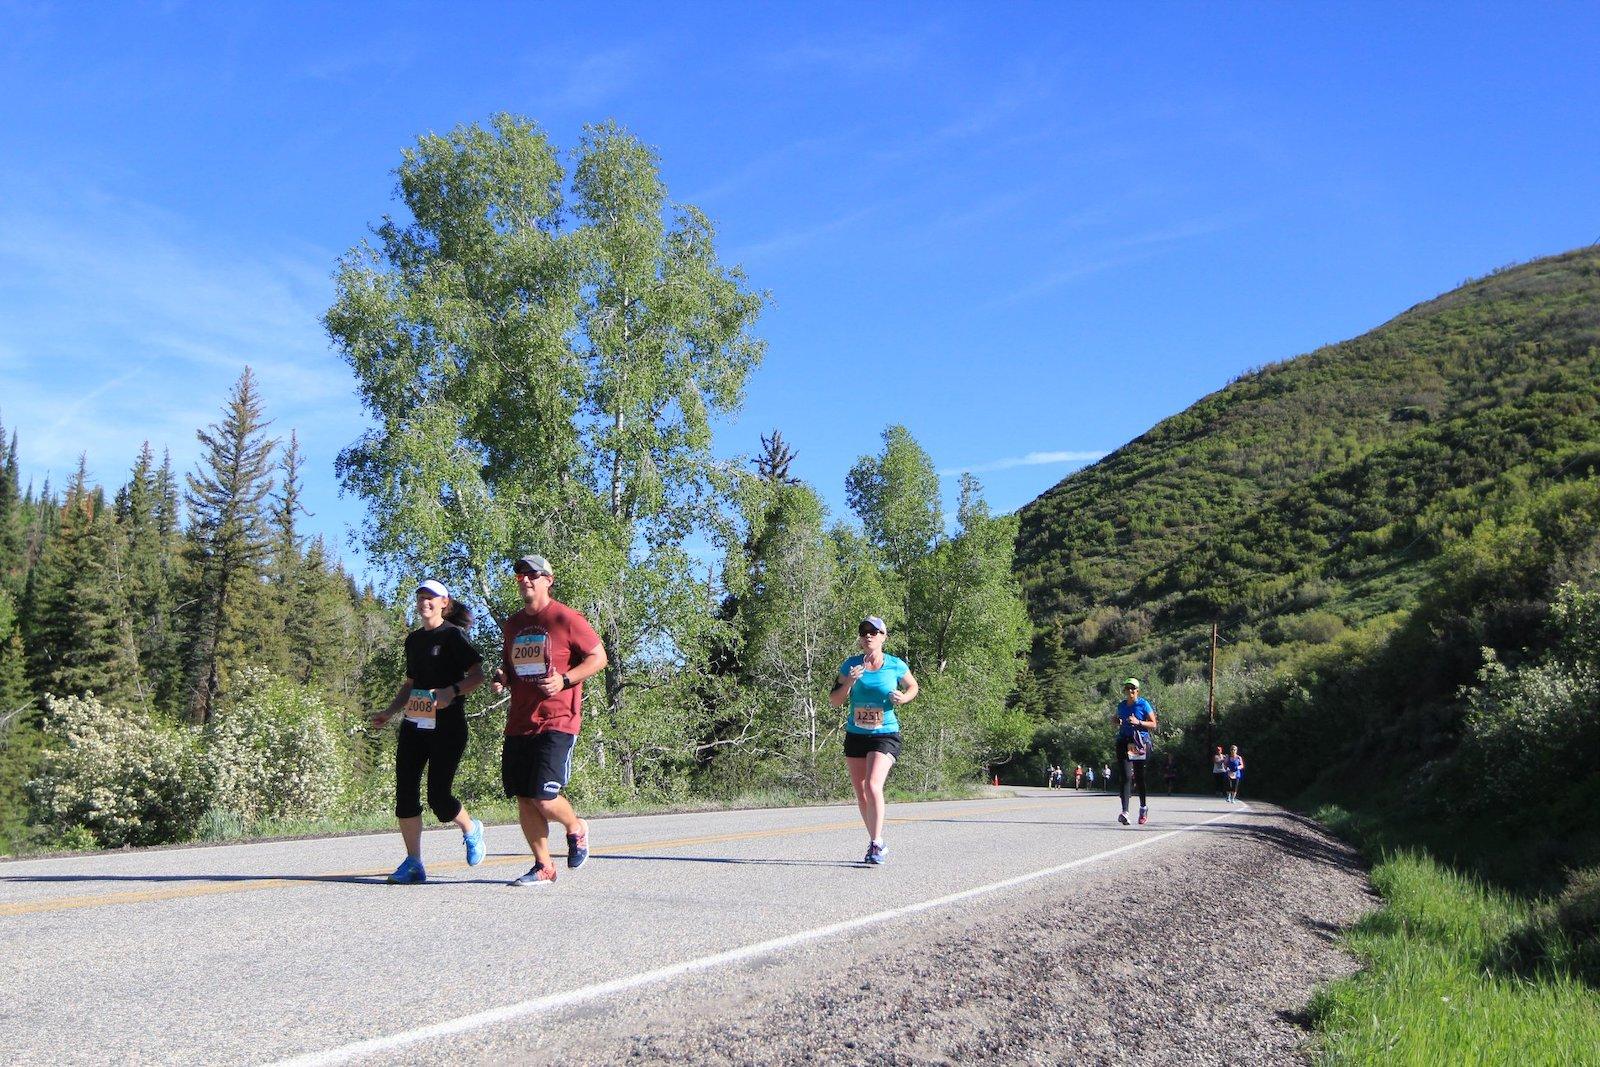 Gambar orang melakukan Marathon di Steamboat Springs, Colorado